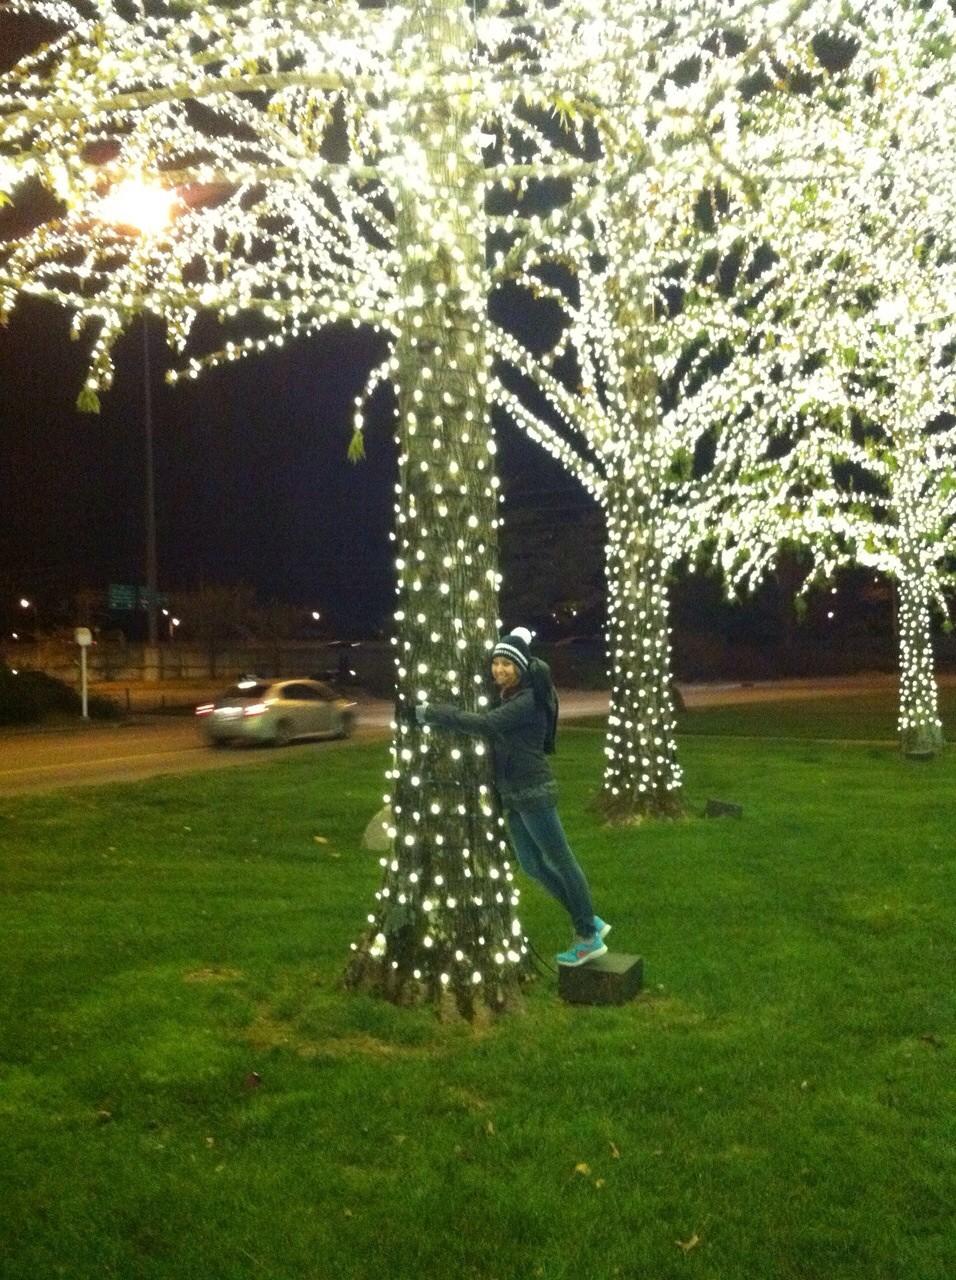 Einen Lichterbaum umarmen